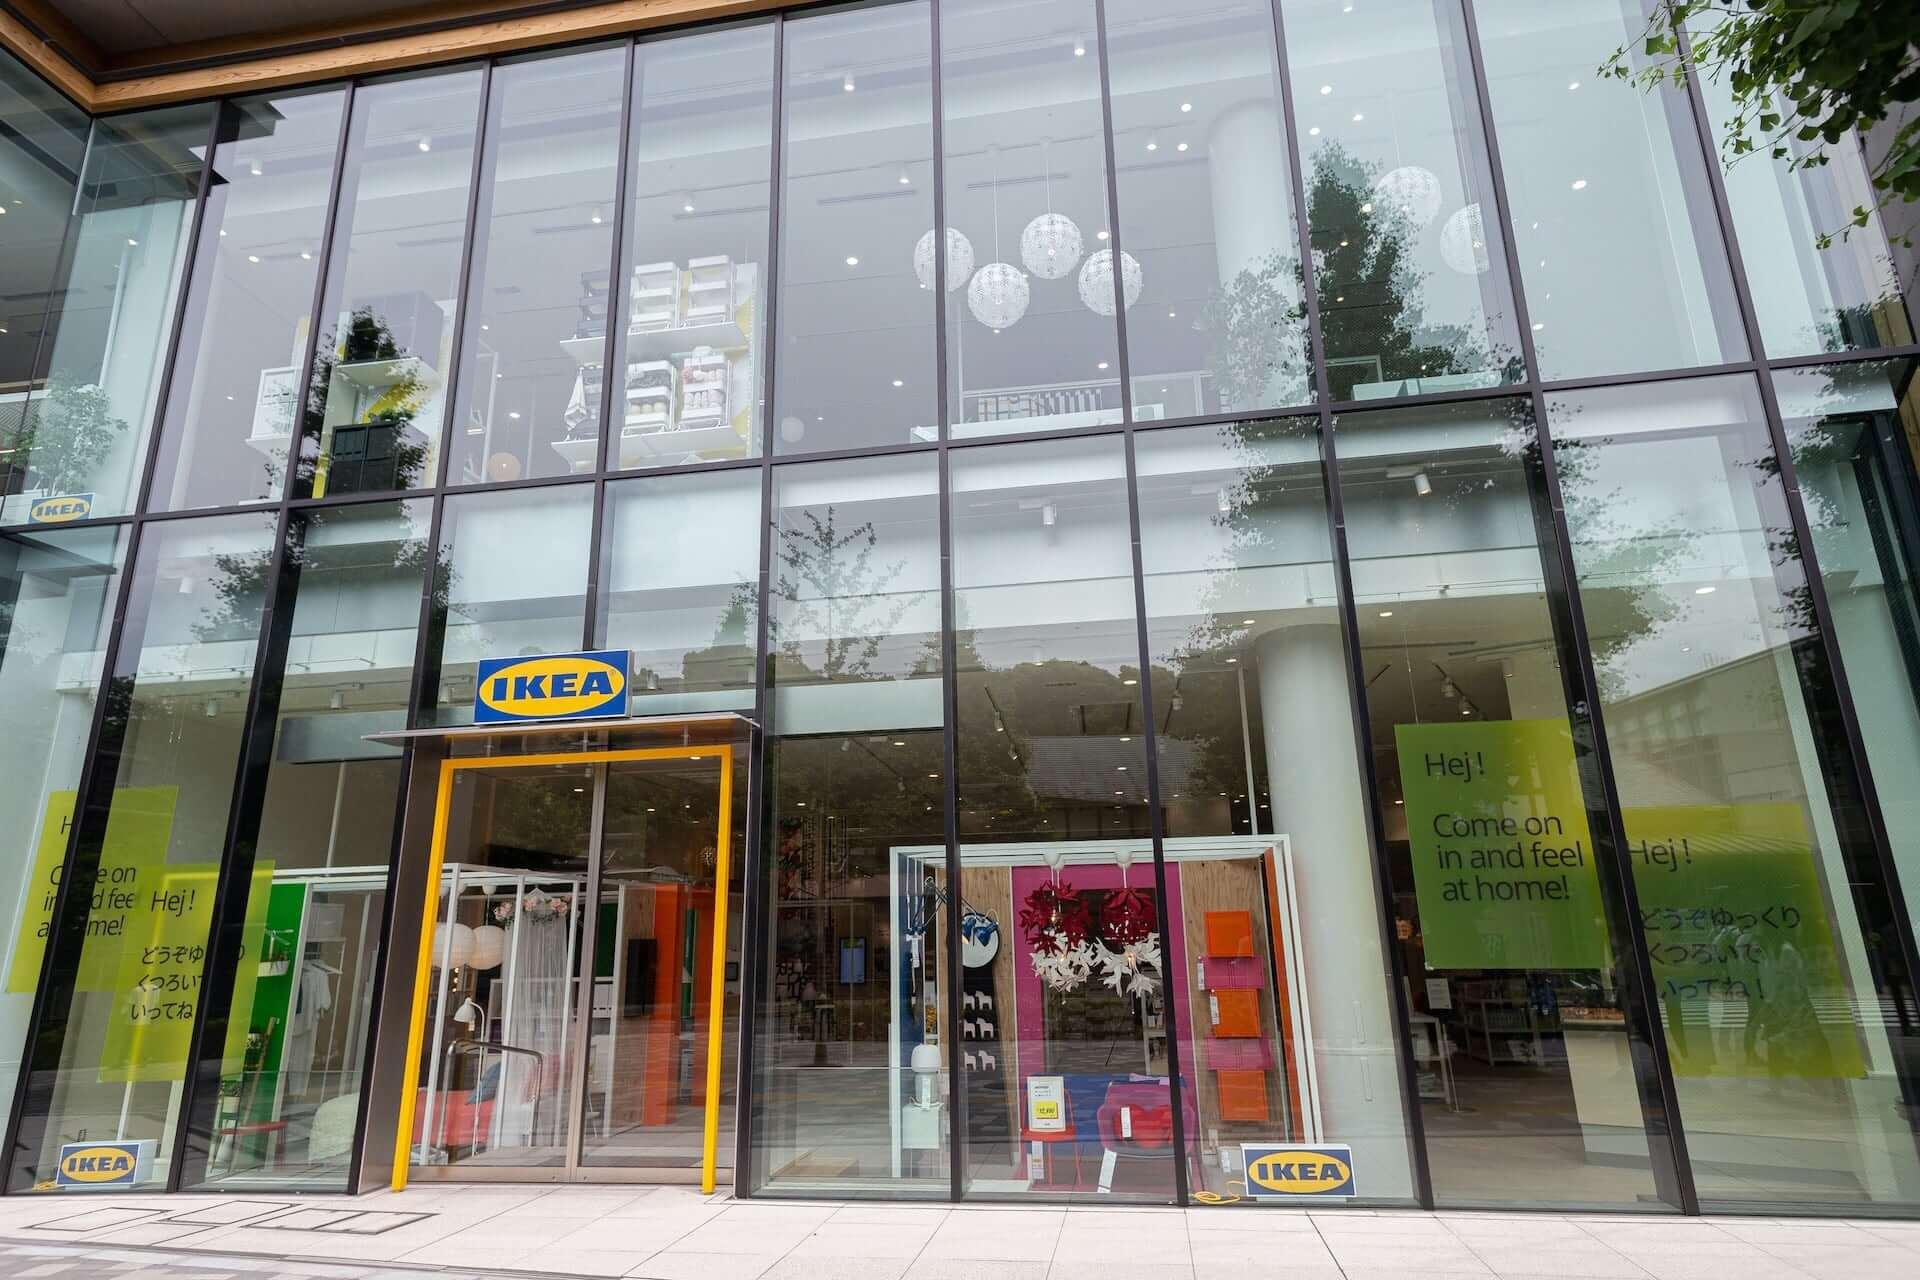 IKEAがついに原宿に登場!WITH HARAJUKUに6月8日オープン決定&内装も一部公開 lf200604_ikea_harajuku_12-1920x1280